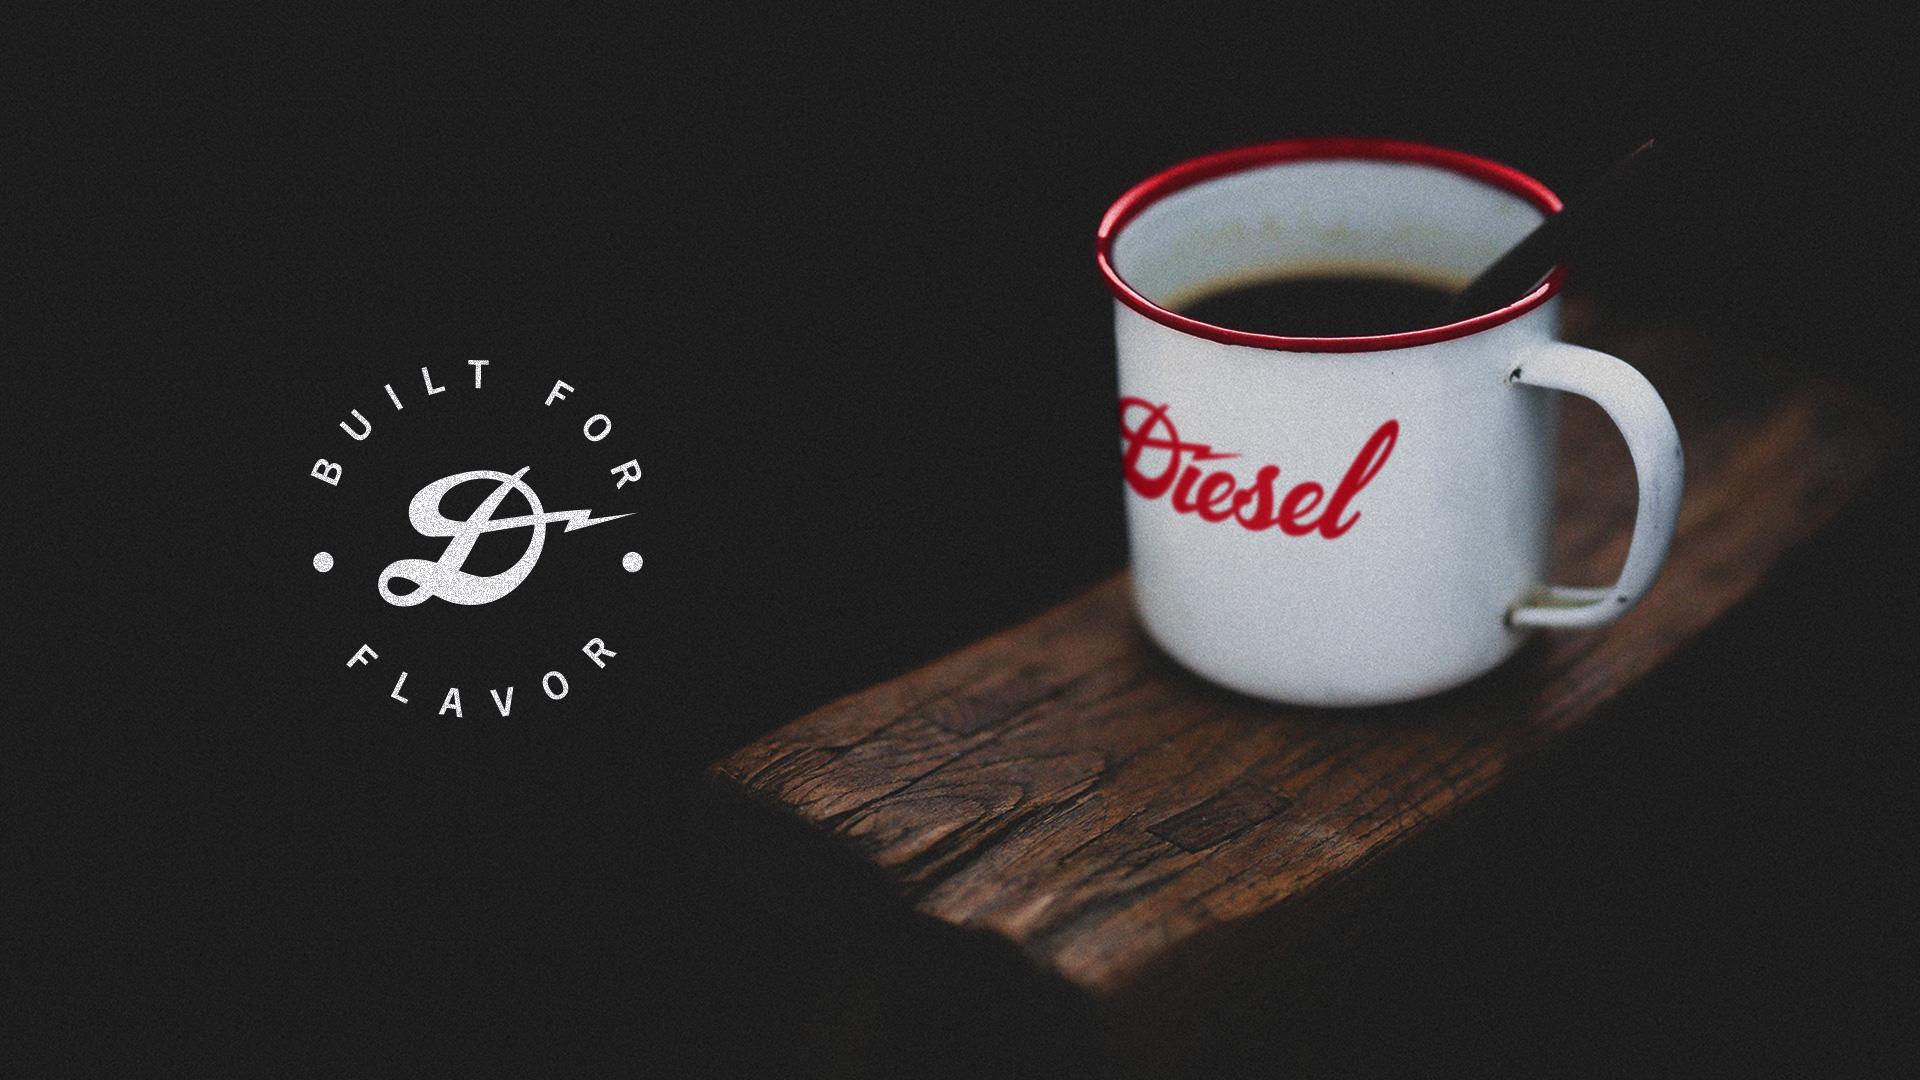 DANG_Diesel_mug